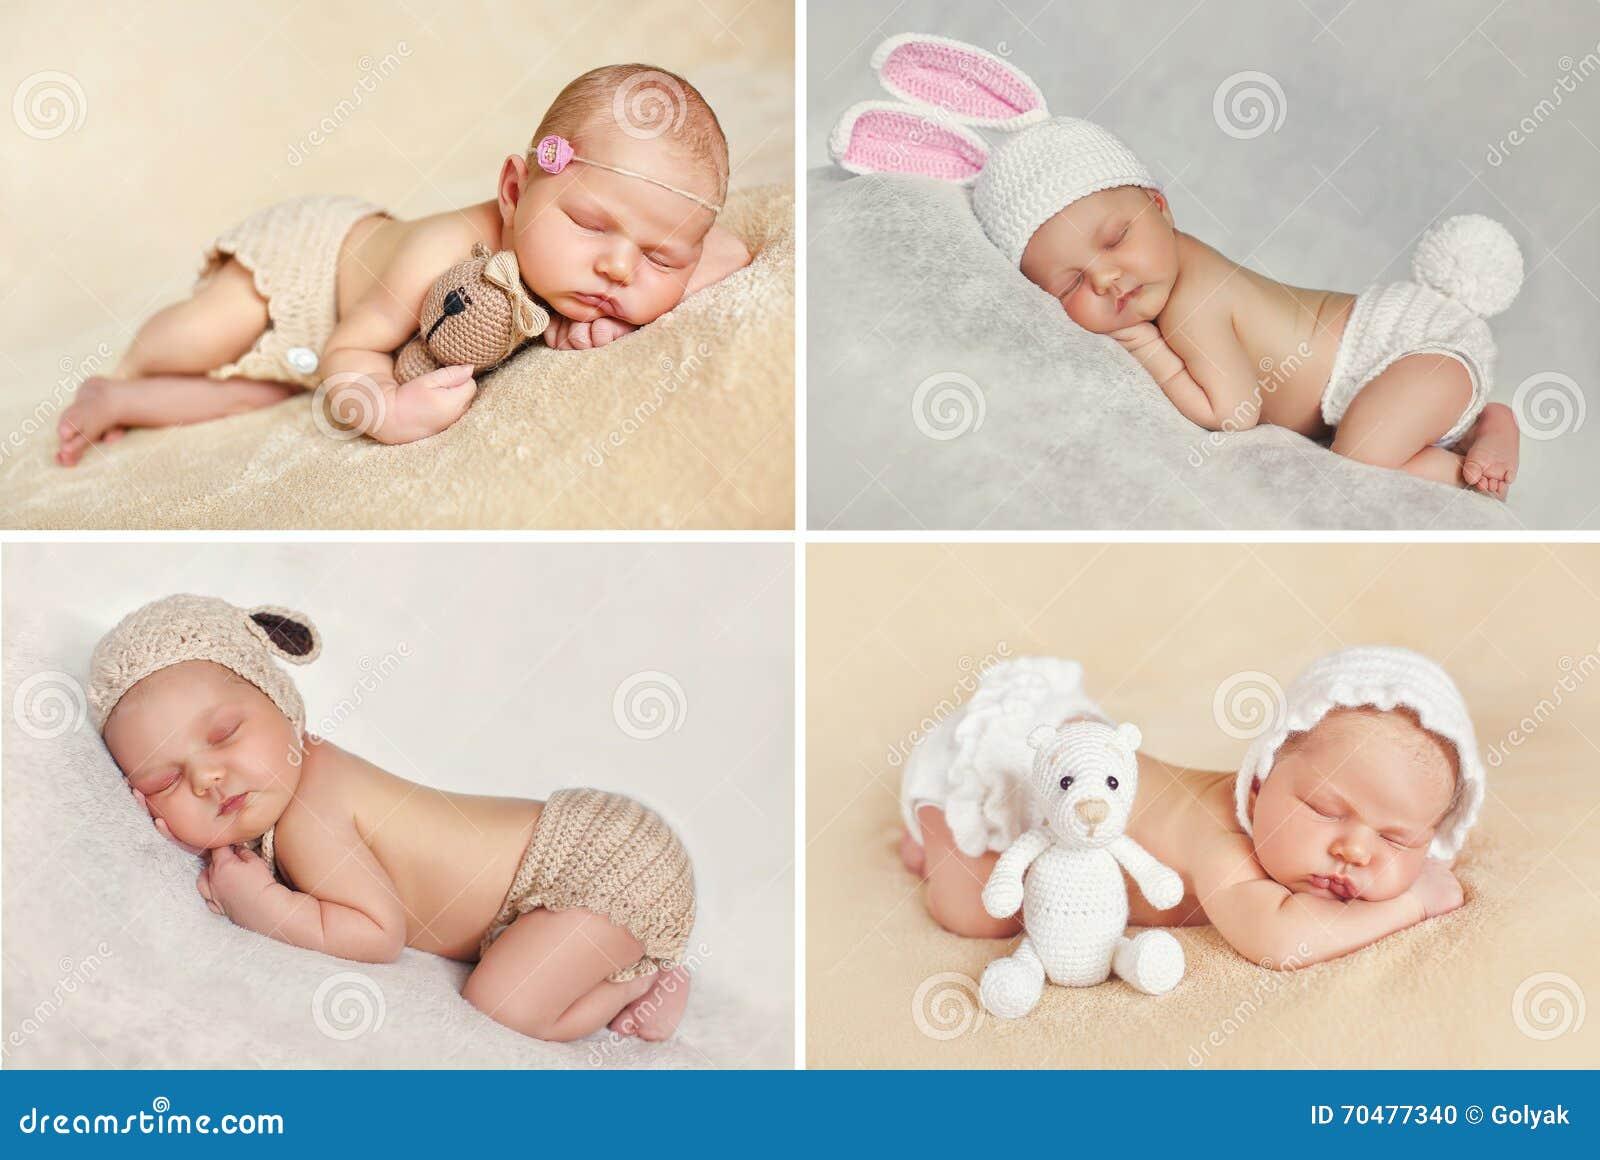 Pokojowy sen nowonarodzony dziecko, kolaż cztery obrazka